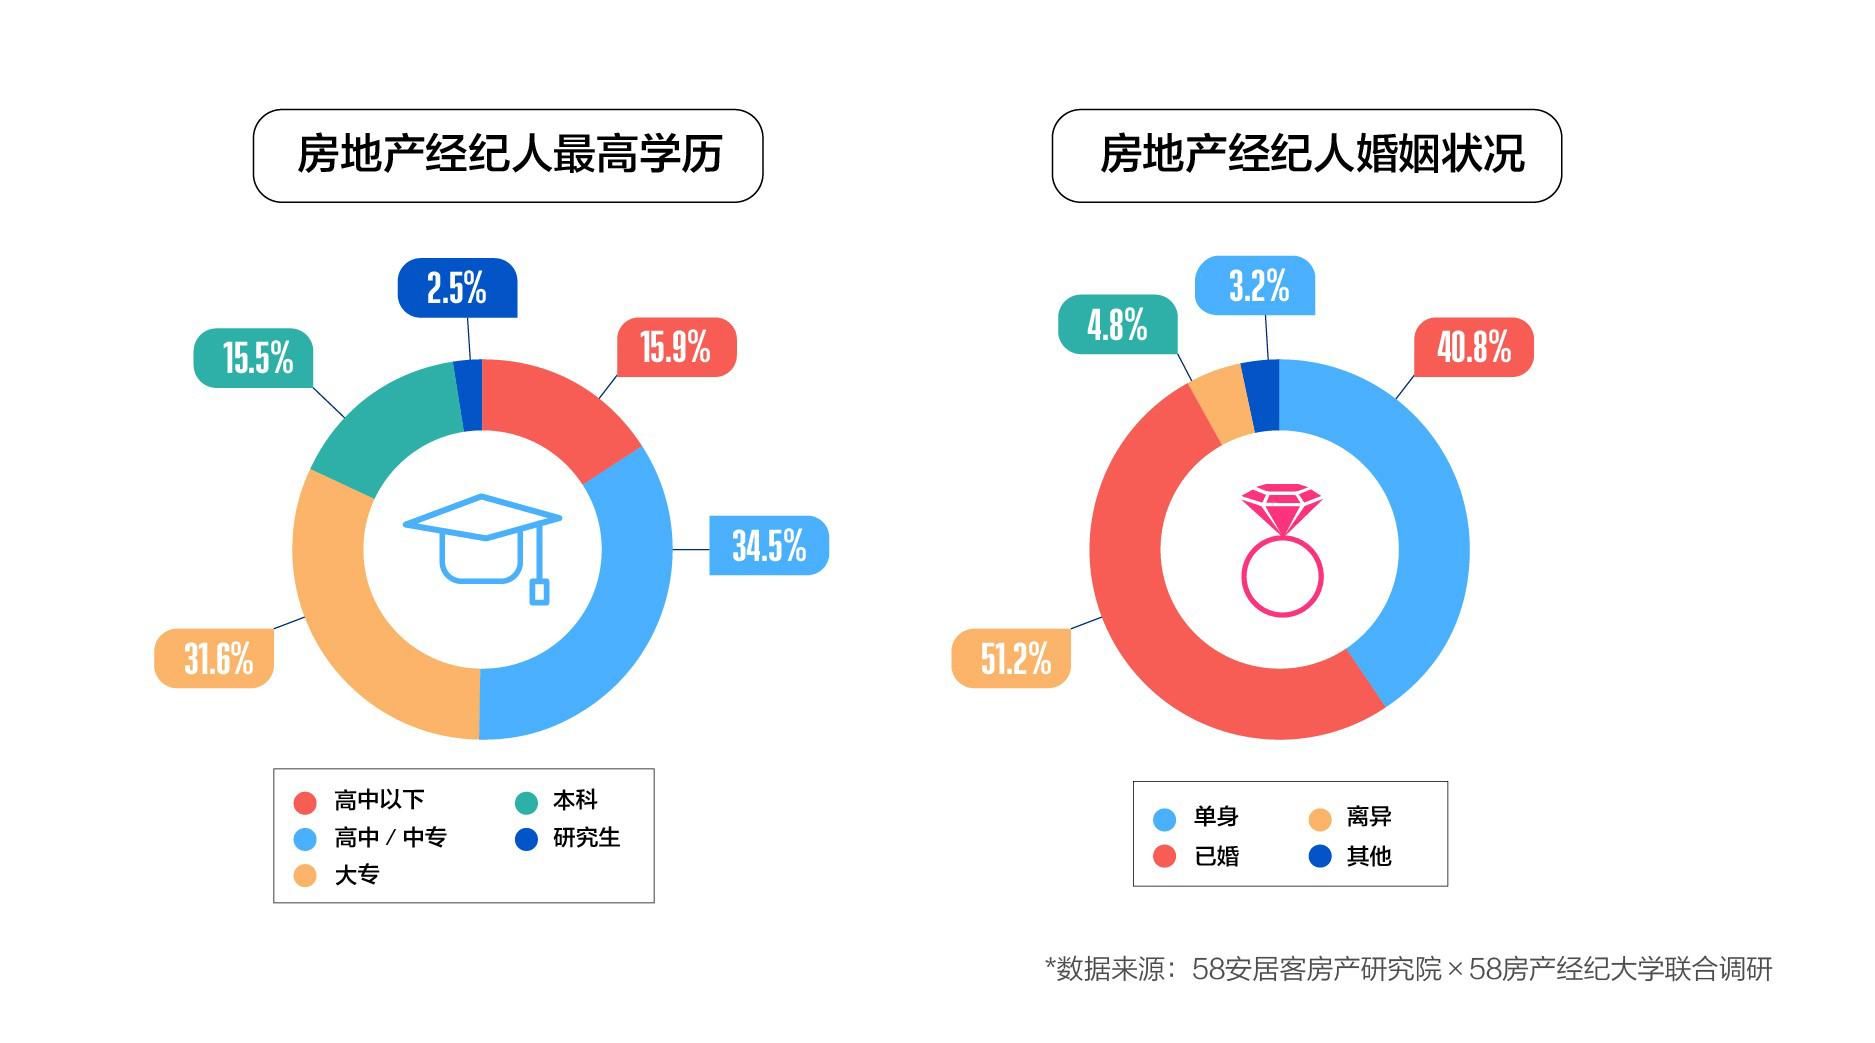 不同地域的经纪人分布也呈现出明显差异。报告显示,房地产经纪人主要集中于一线和重点二线城市。其中,上海房地产经纪人数占比居全国首位,北京紧随其后;二线城市中,重庆、成都、杭州、武汉等热门城市的房地产经纪人数也相对较高。